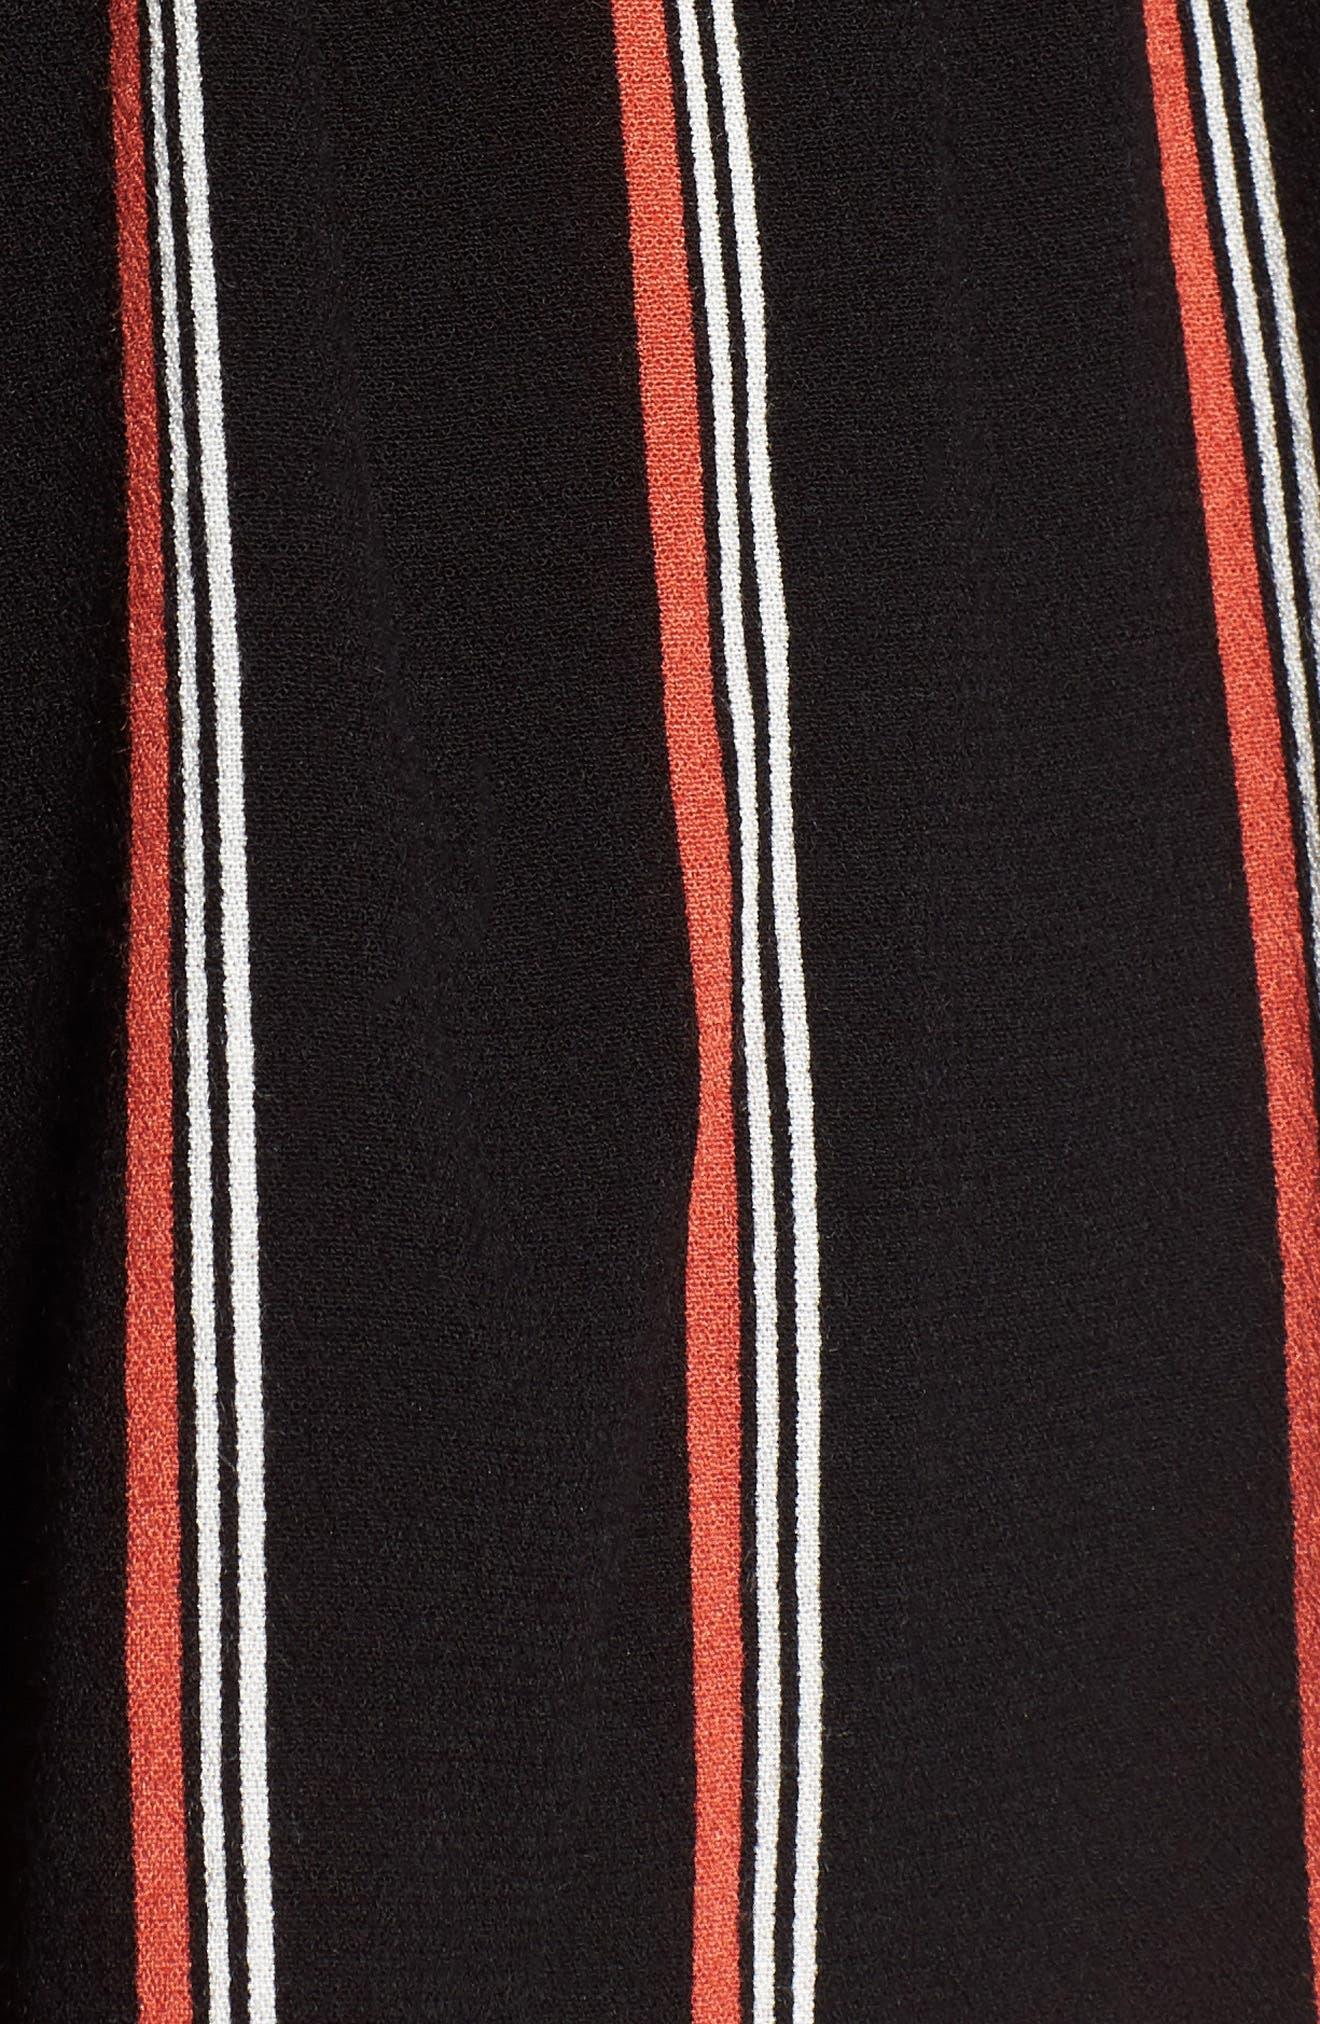 Juniper Stripe Shorts,                             Alternate thumbnail 5, color,                             001